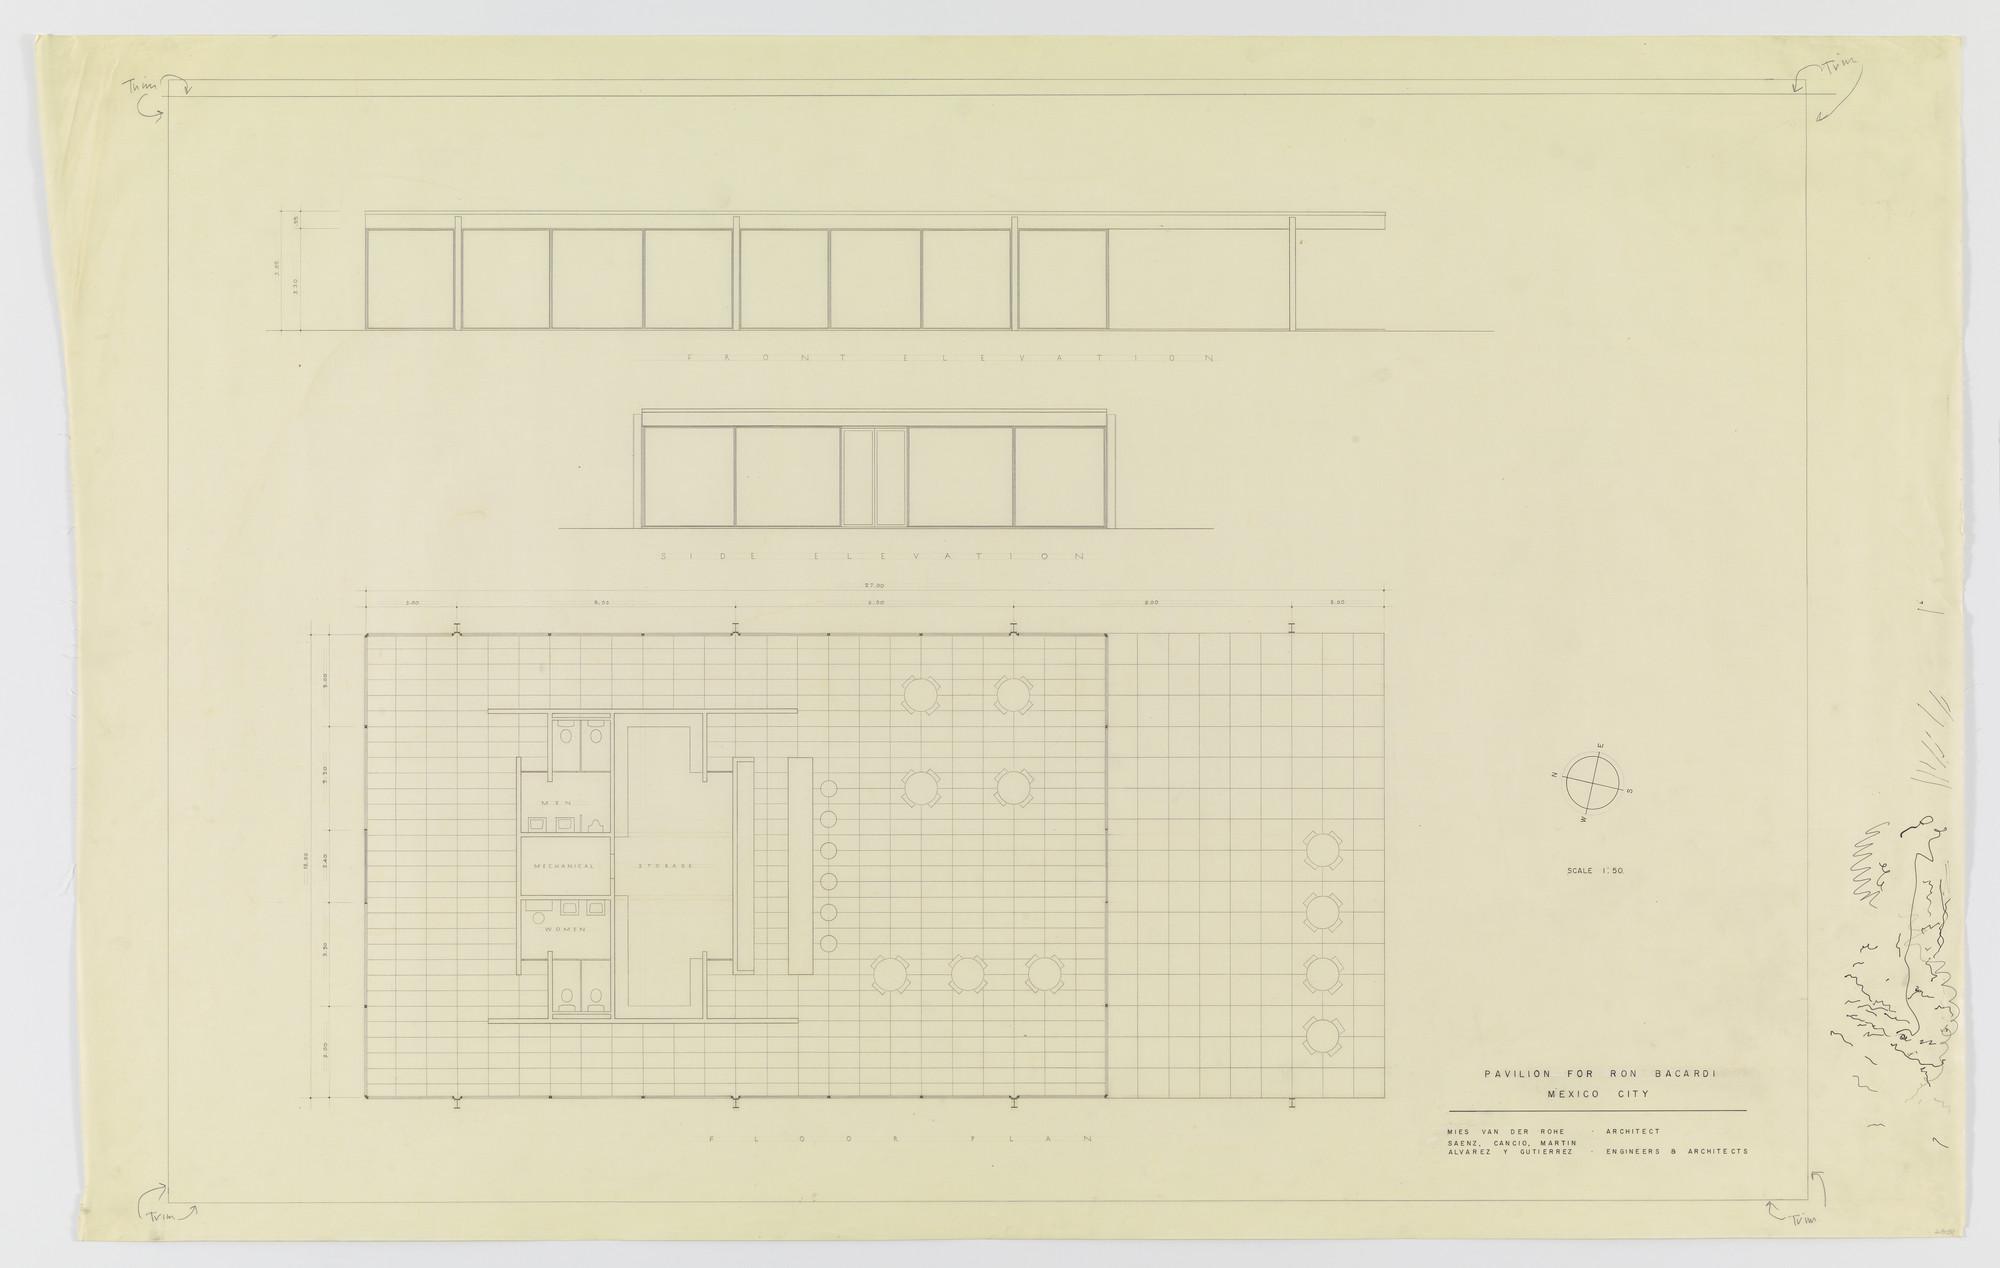 Ludwig Mies van der Rohe. Ron Bacardí y Compañía, S.A., Administration Building, Mexico City, Mexico (Floor plan, exterior elevations). 1958 | MoMA